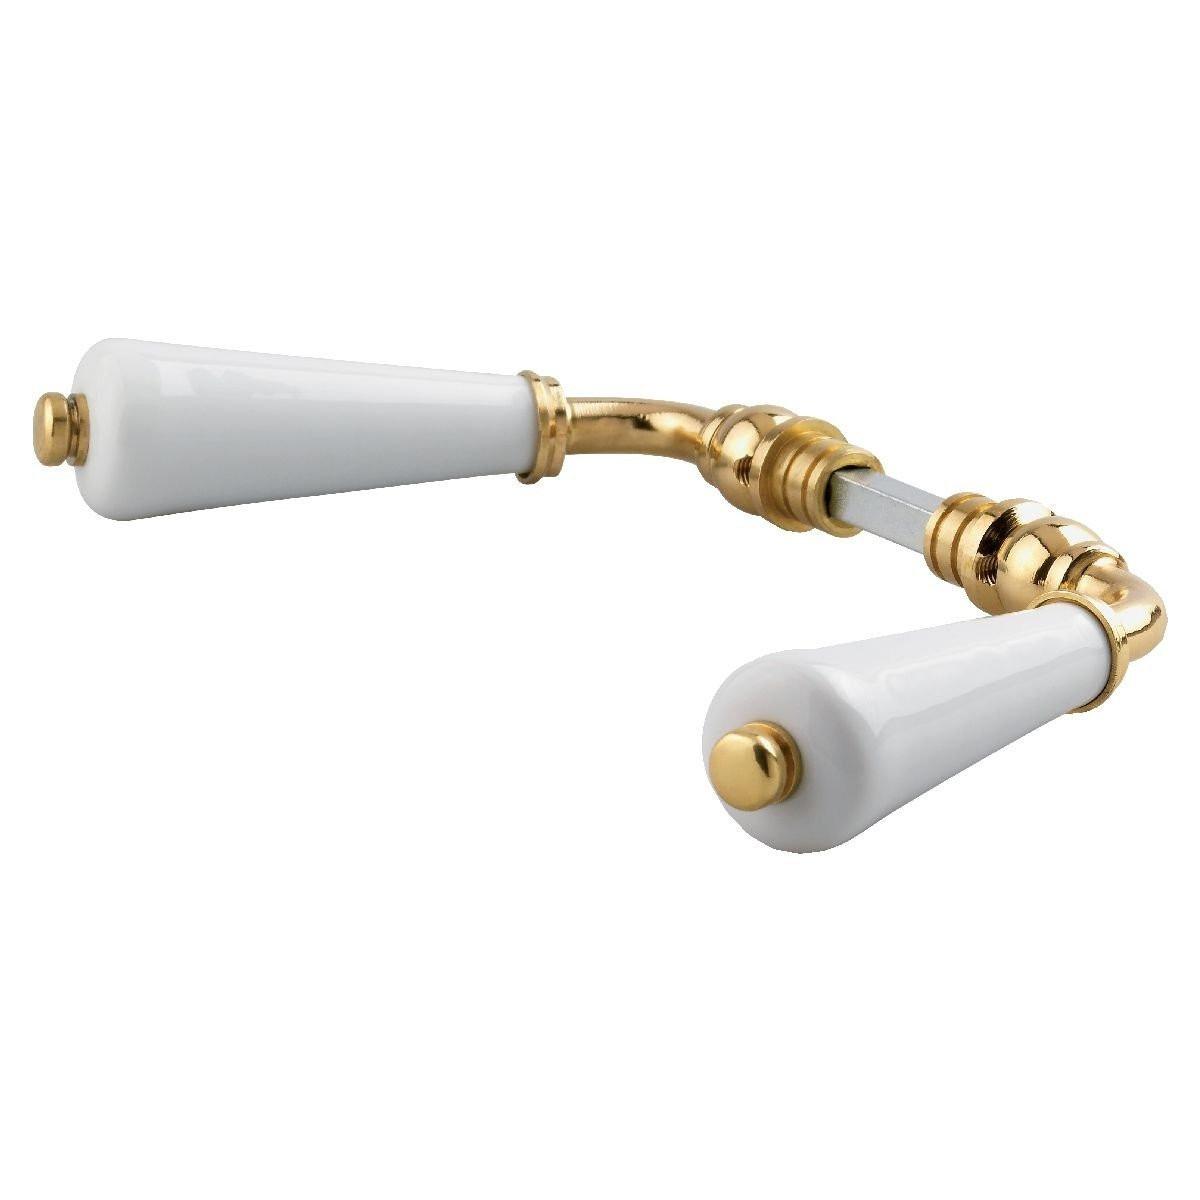 Béquille porcelaine double canon BRIONNE C7x77 - Blanc - 000.2047.01PN